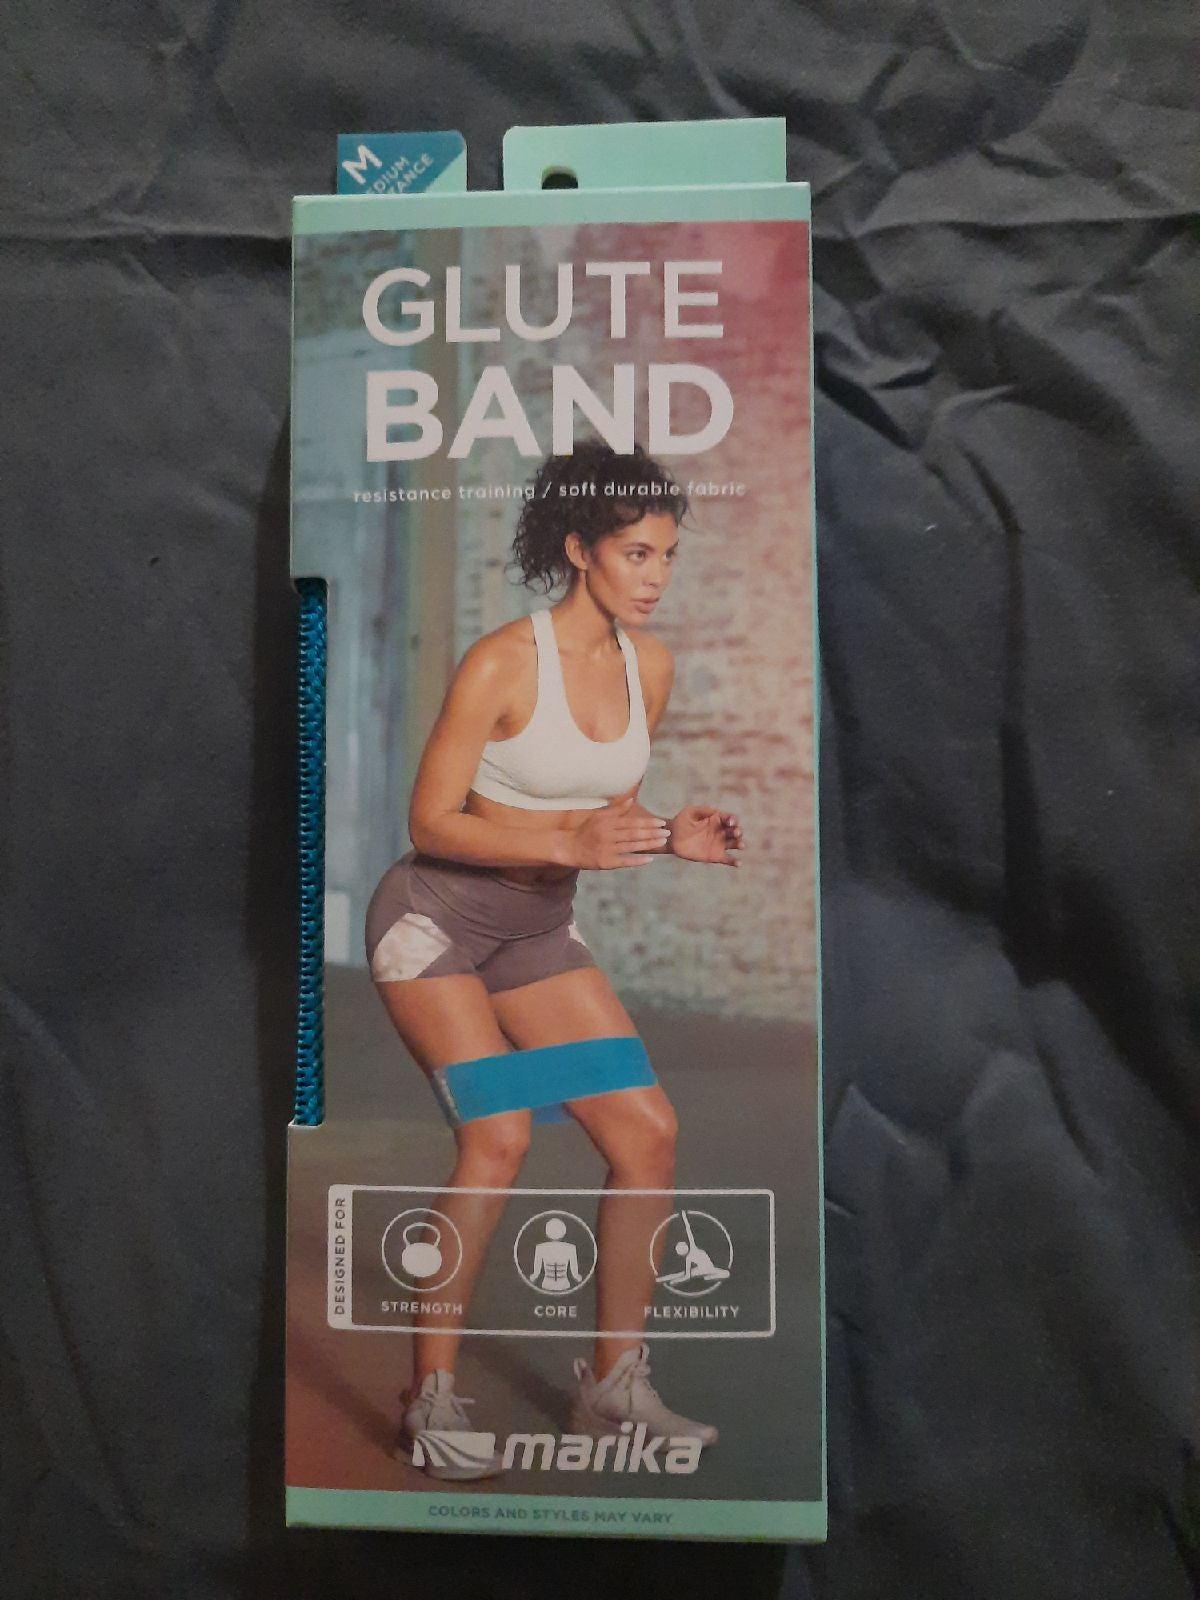 Glute band